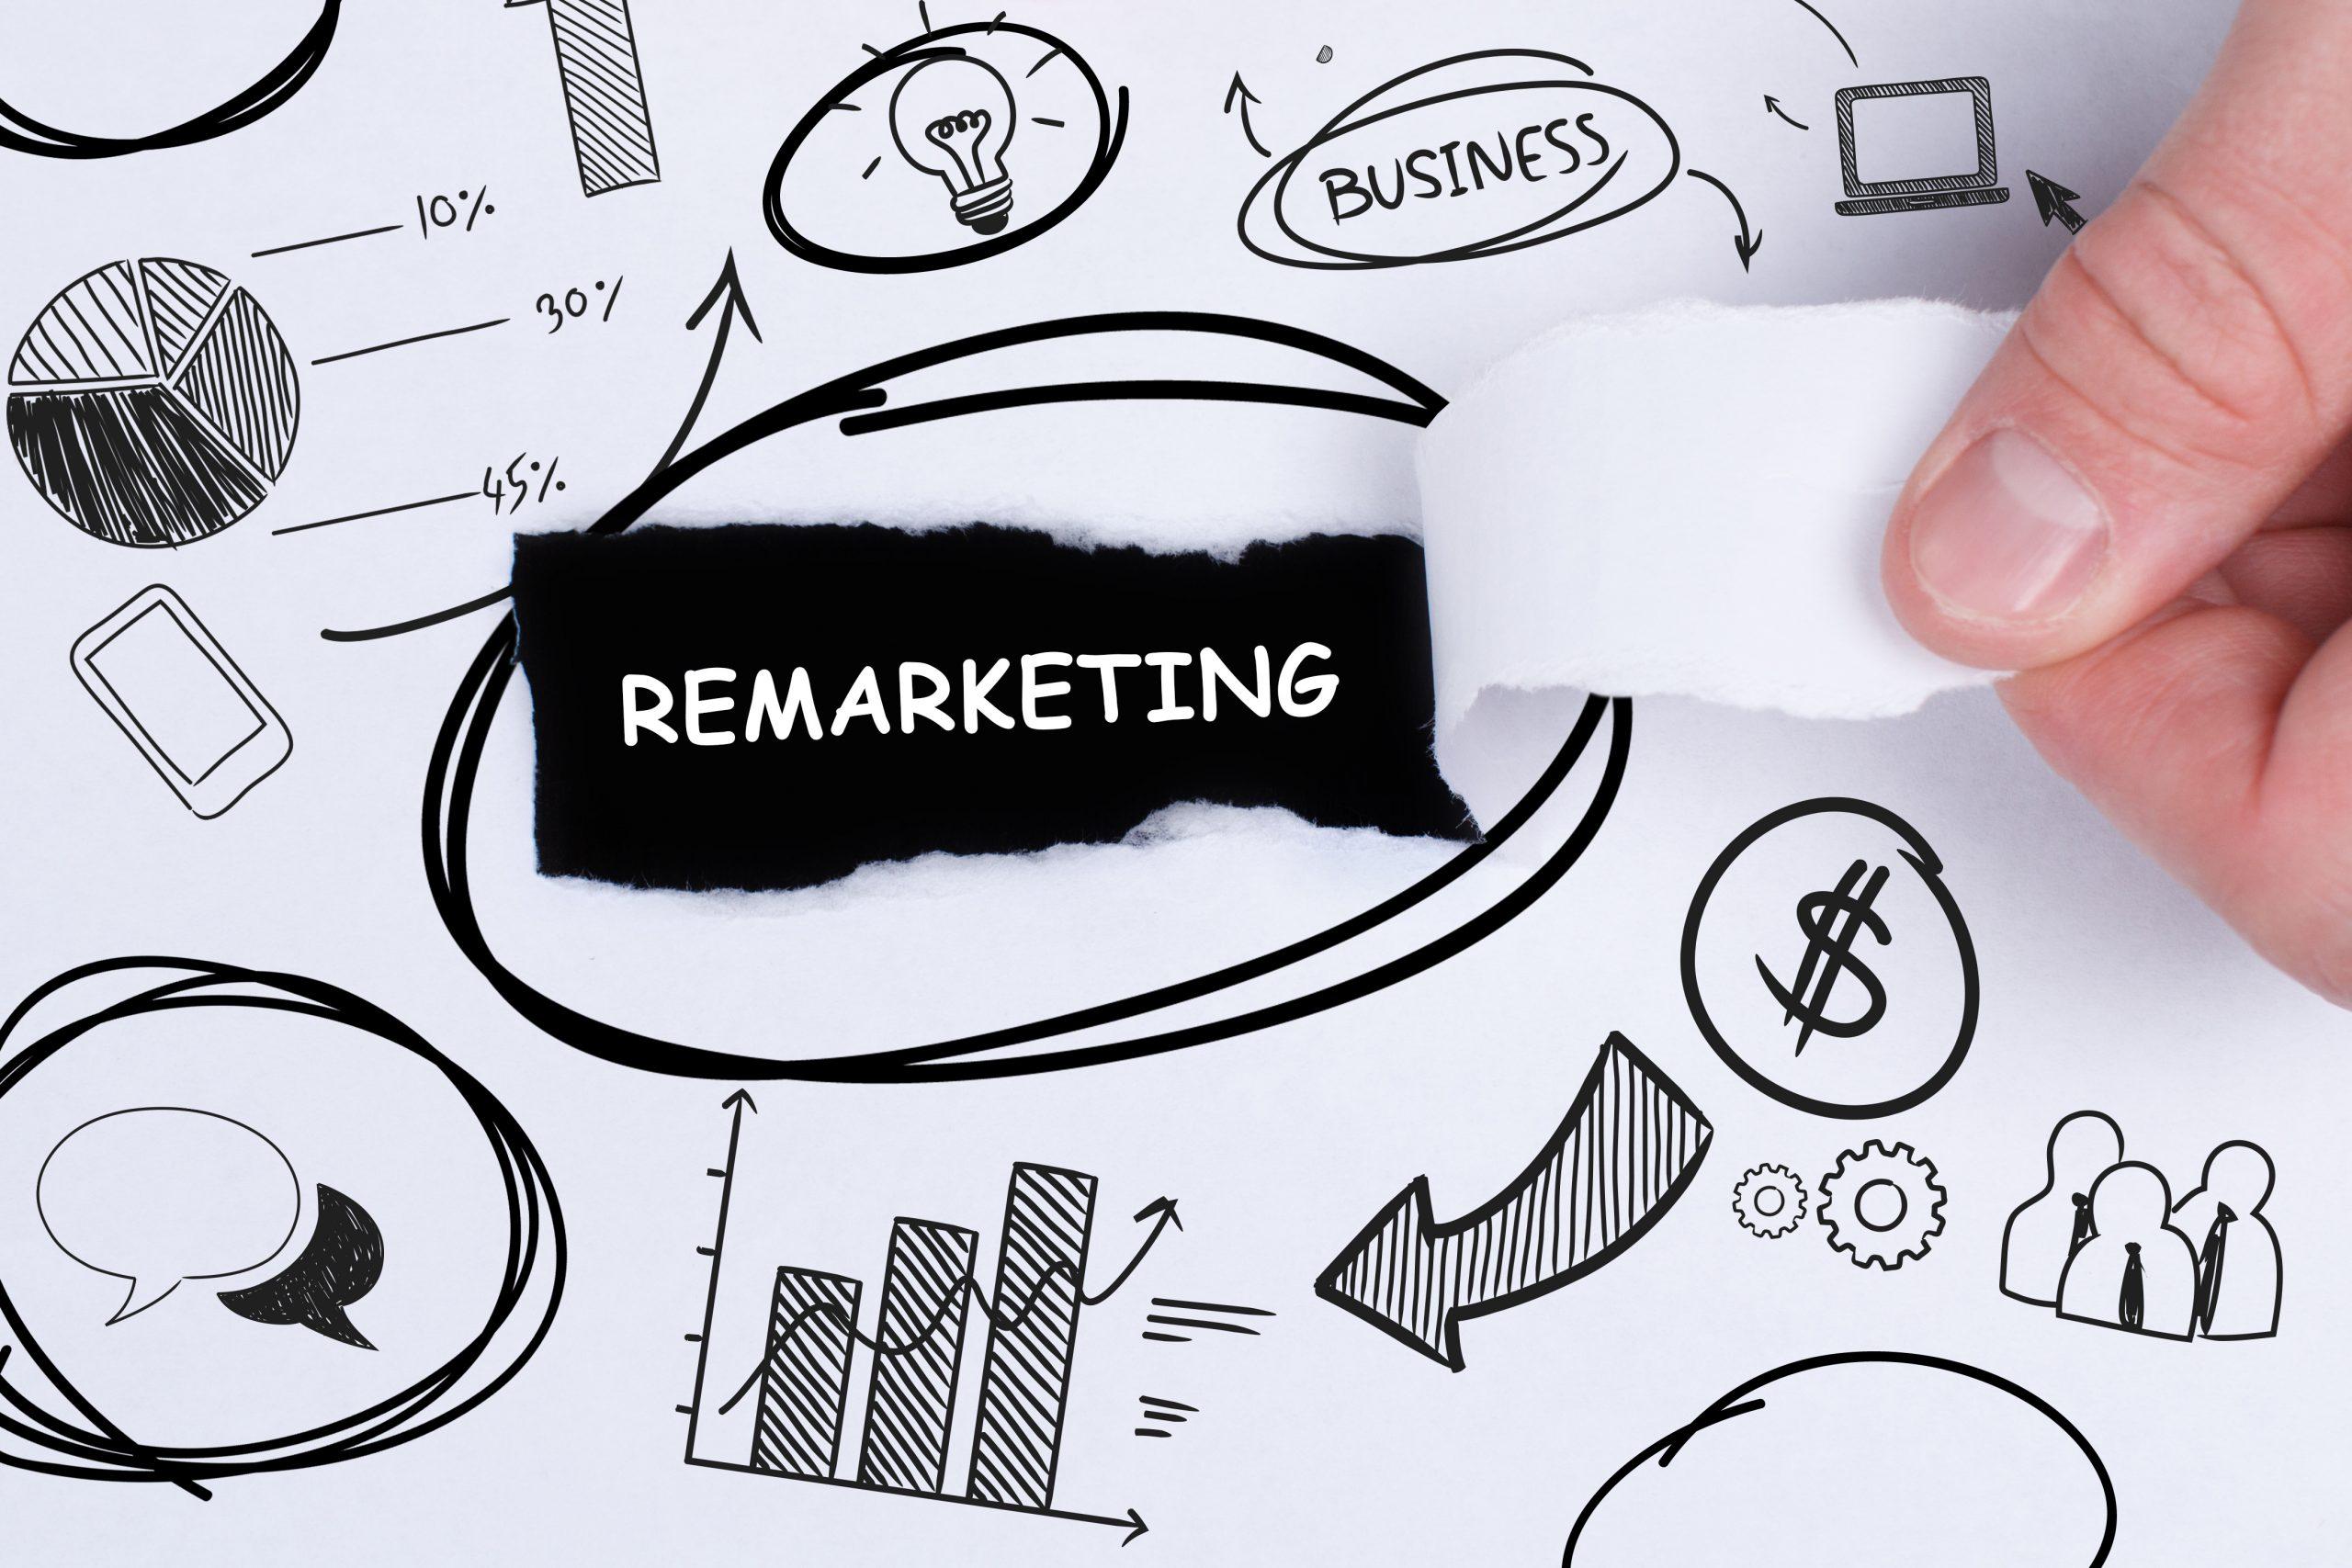 Dlaczego warto korzystać z remarketingu?